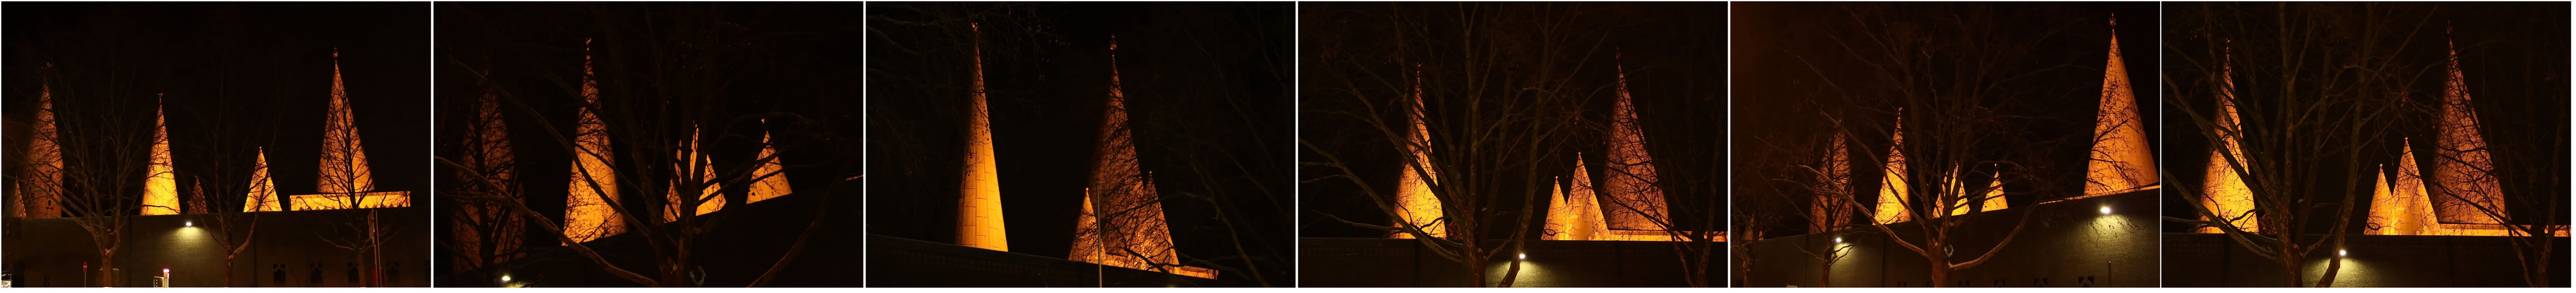 Leuchtende Kirchtürme